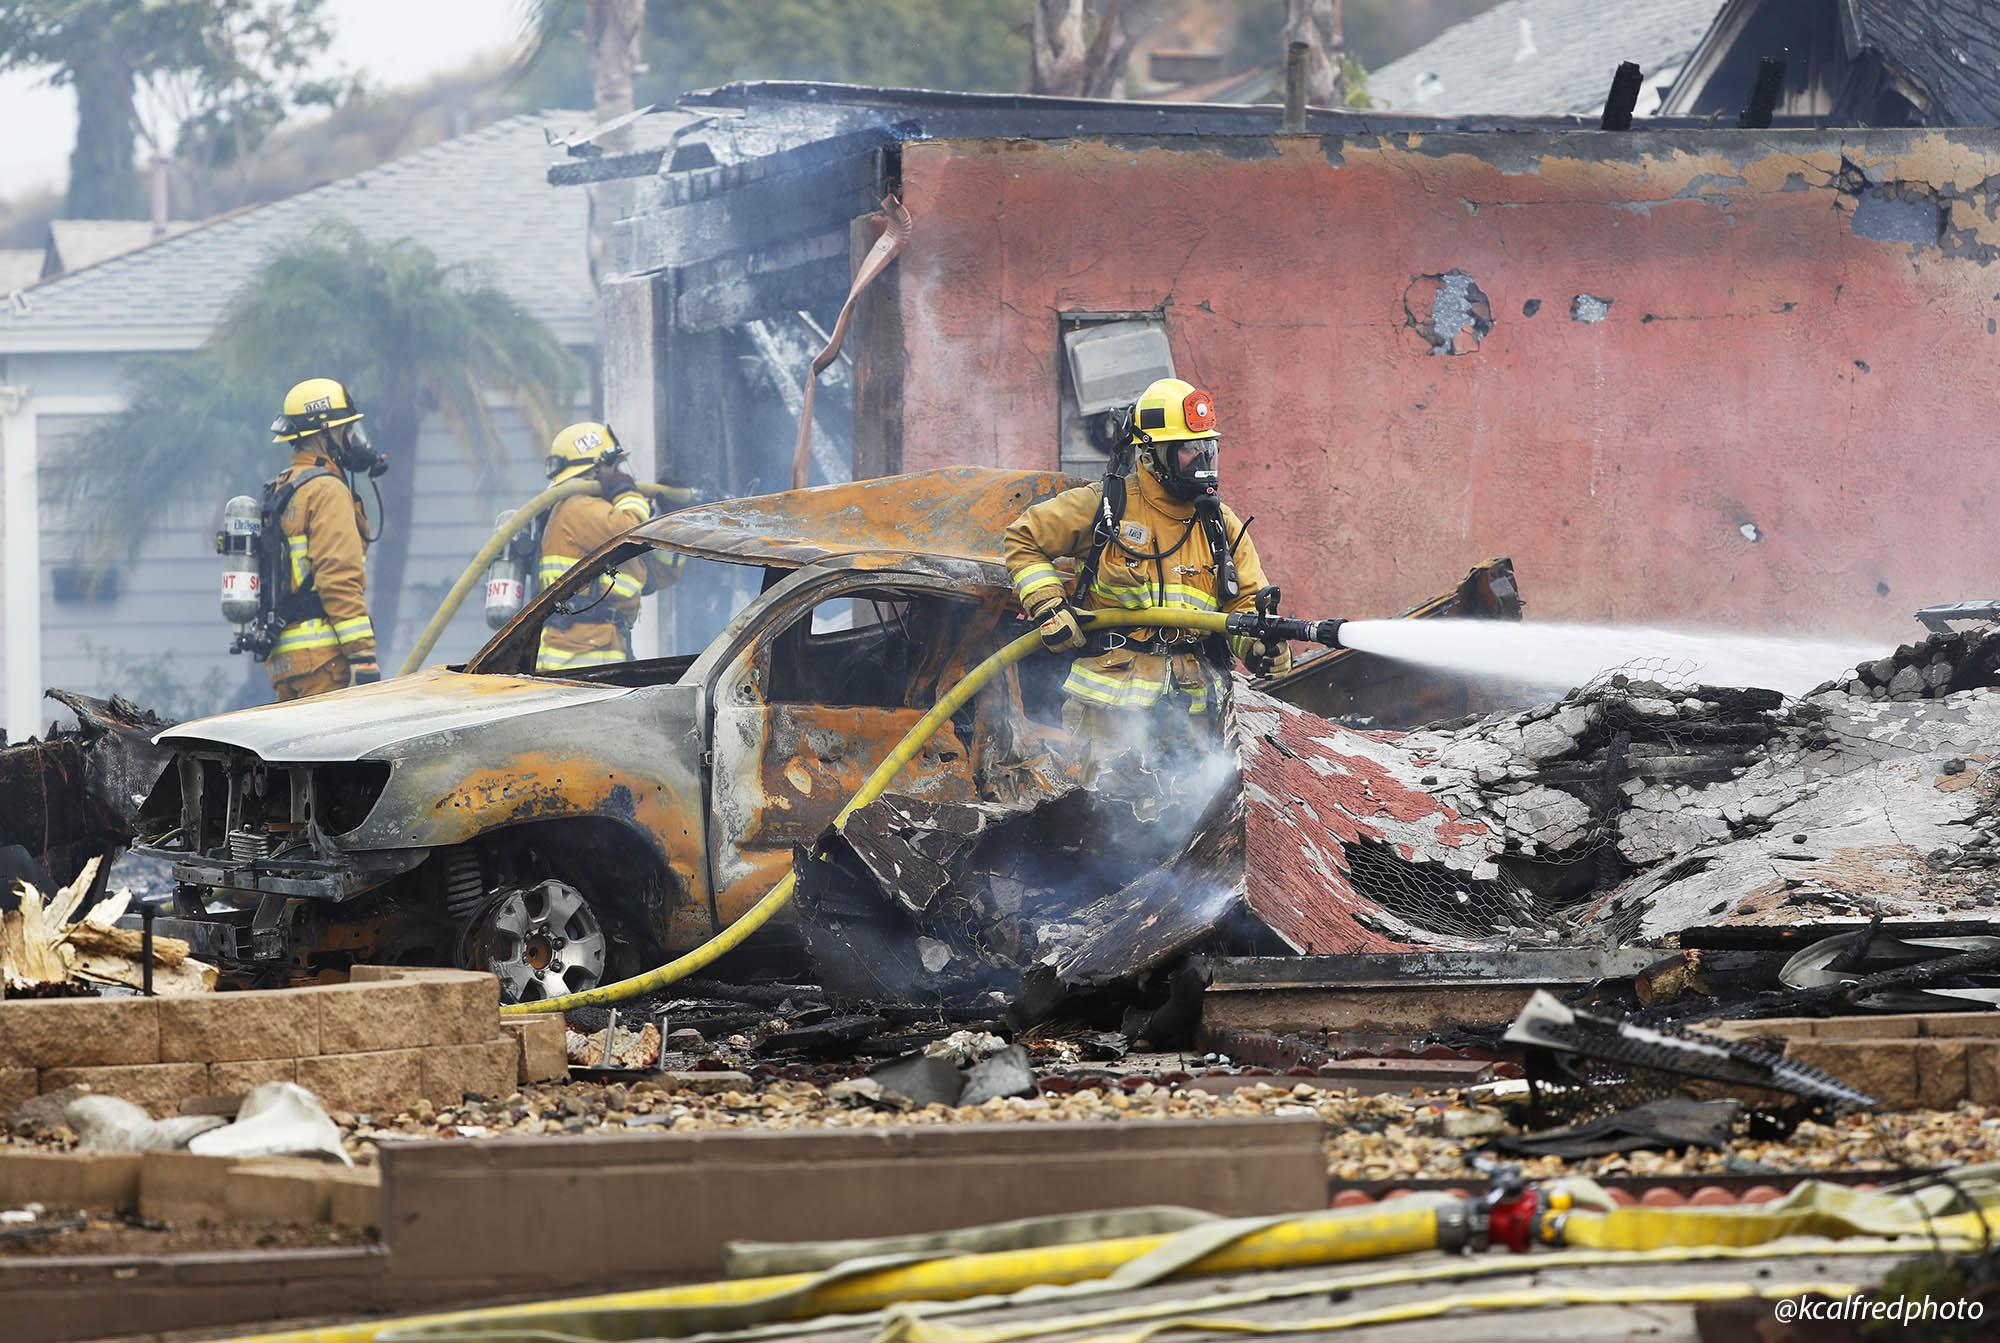 Погибшие люди и уничтоженные дома: что известно о крушении самолета в США - фото 3